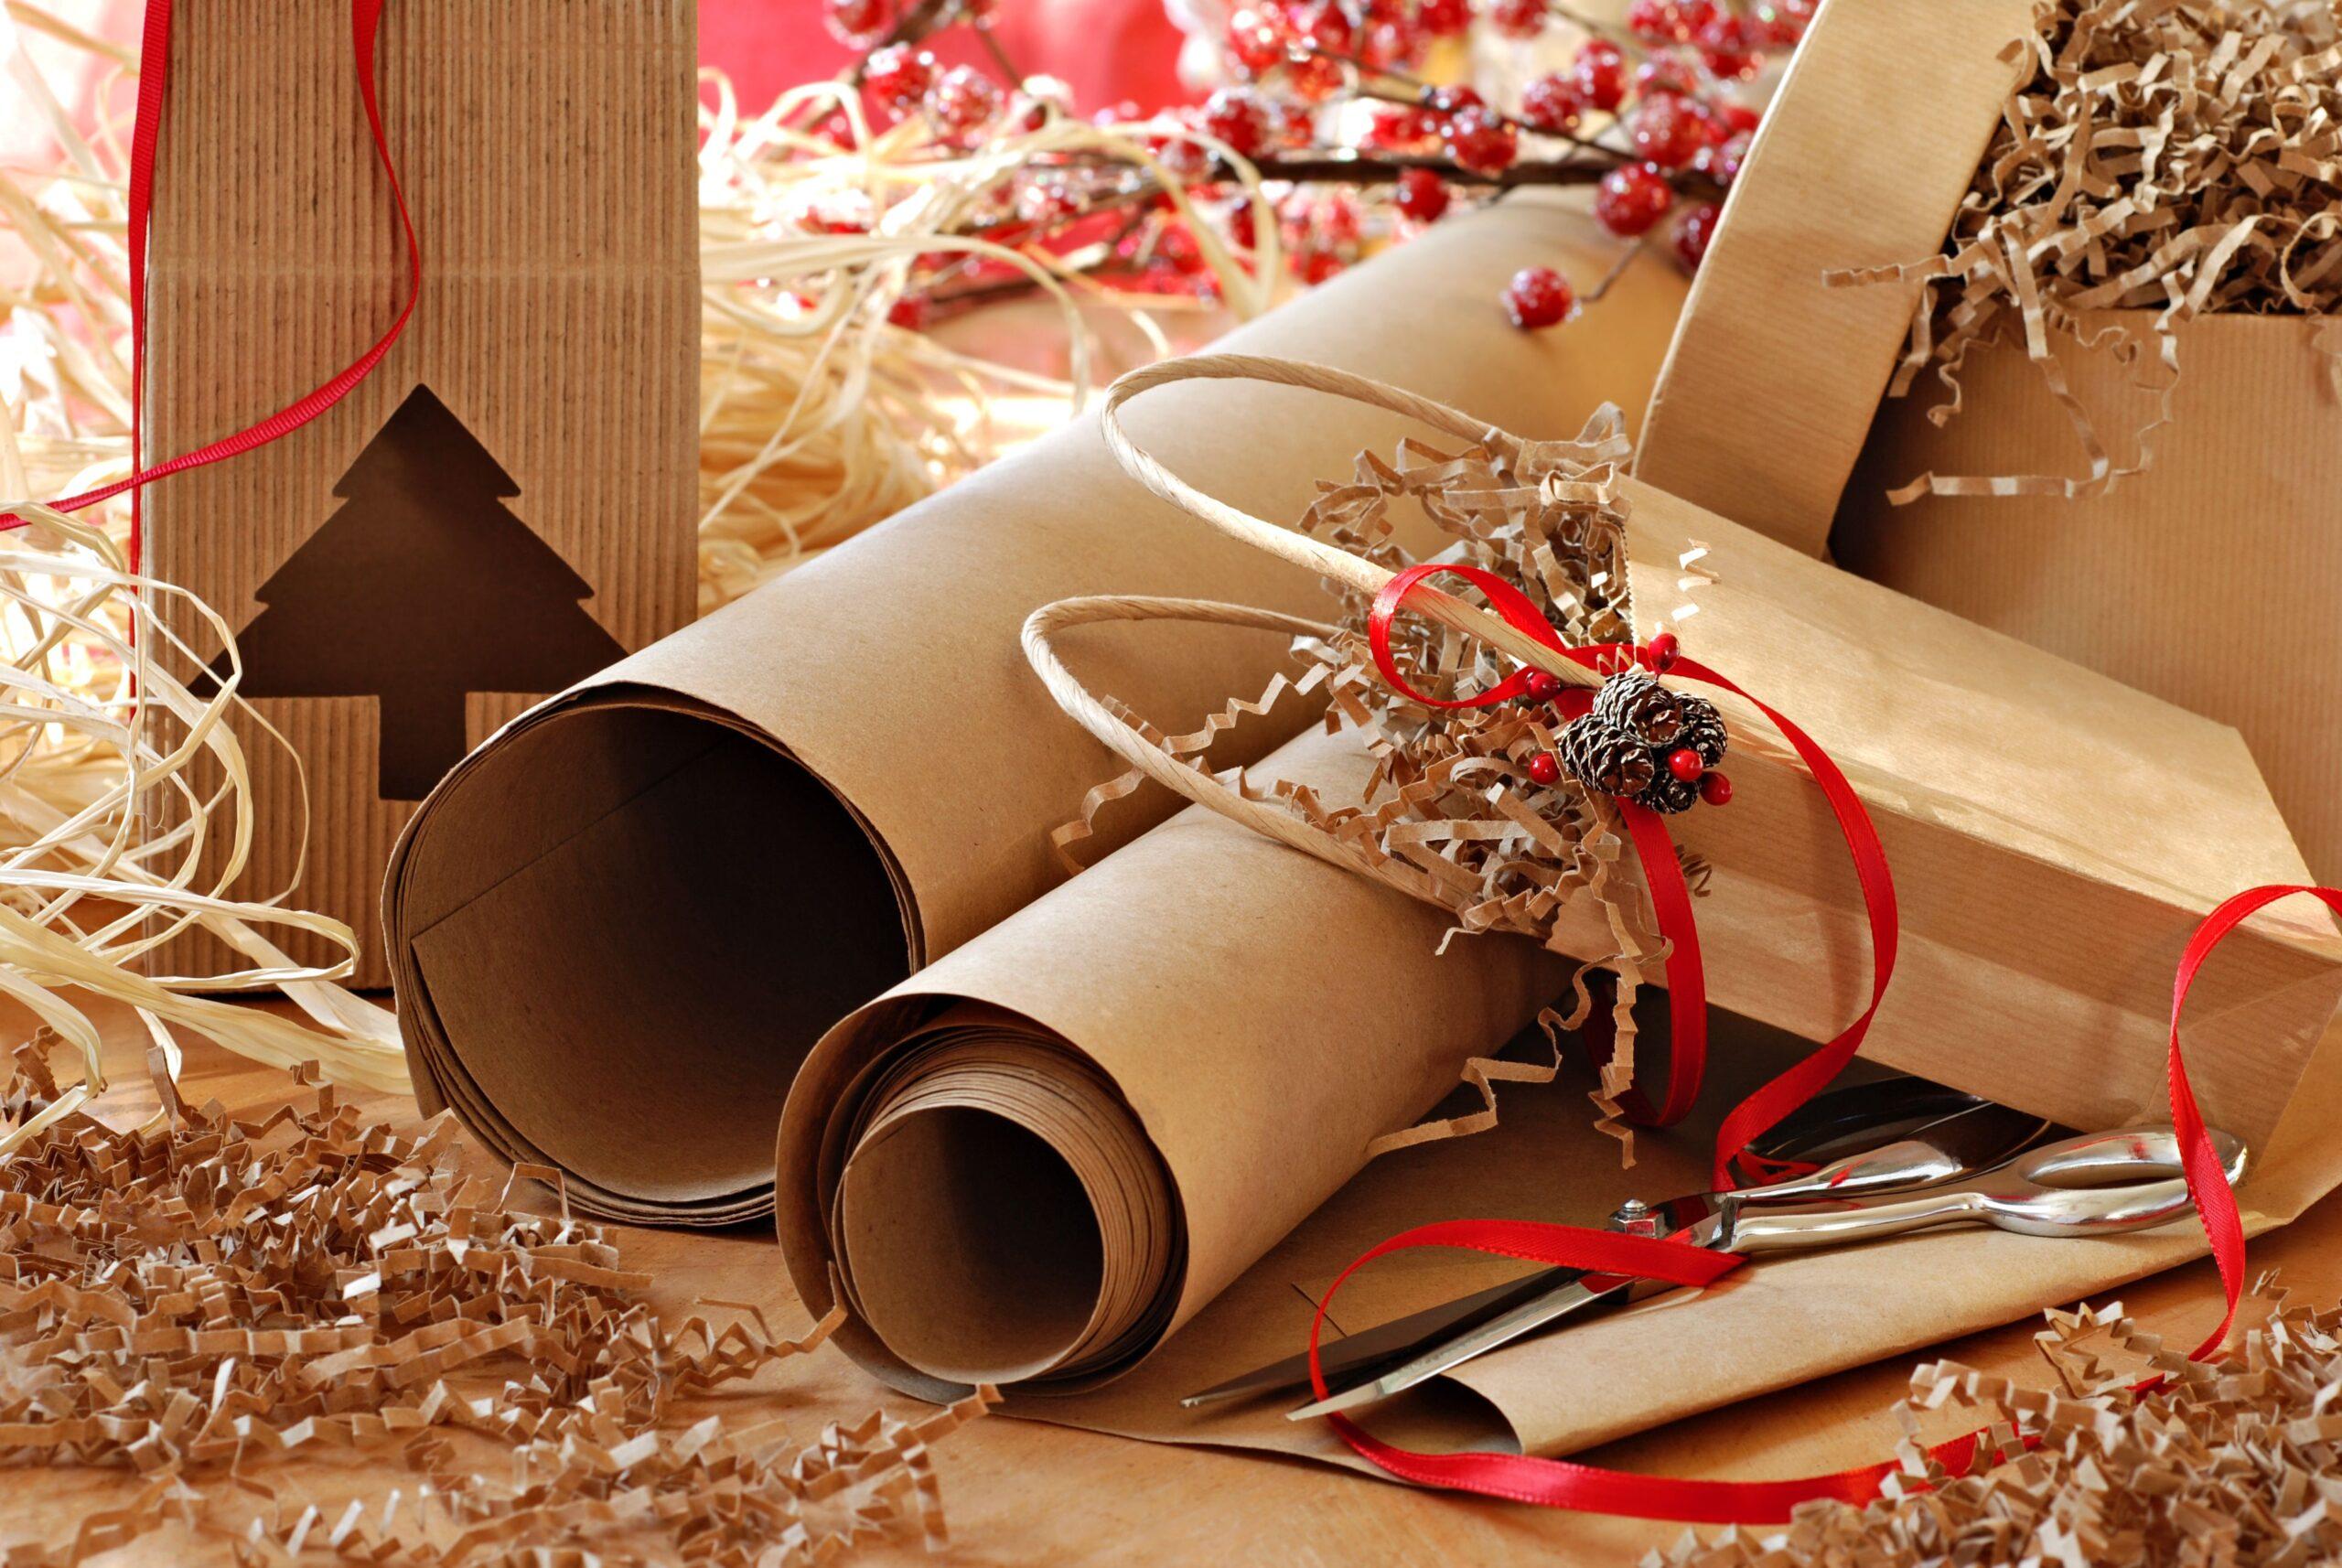 Scopri come incartare i regali con la carta riciclata